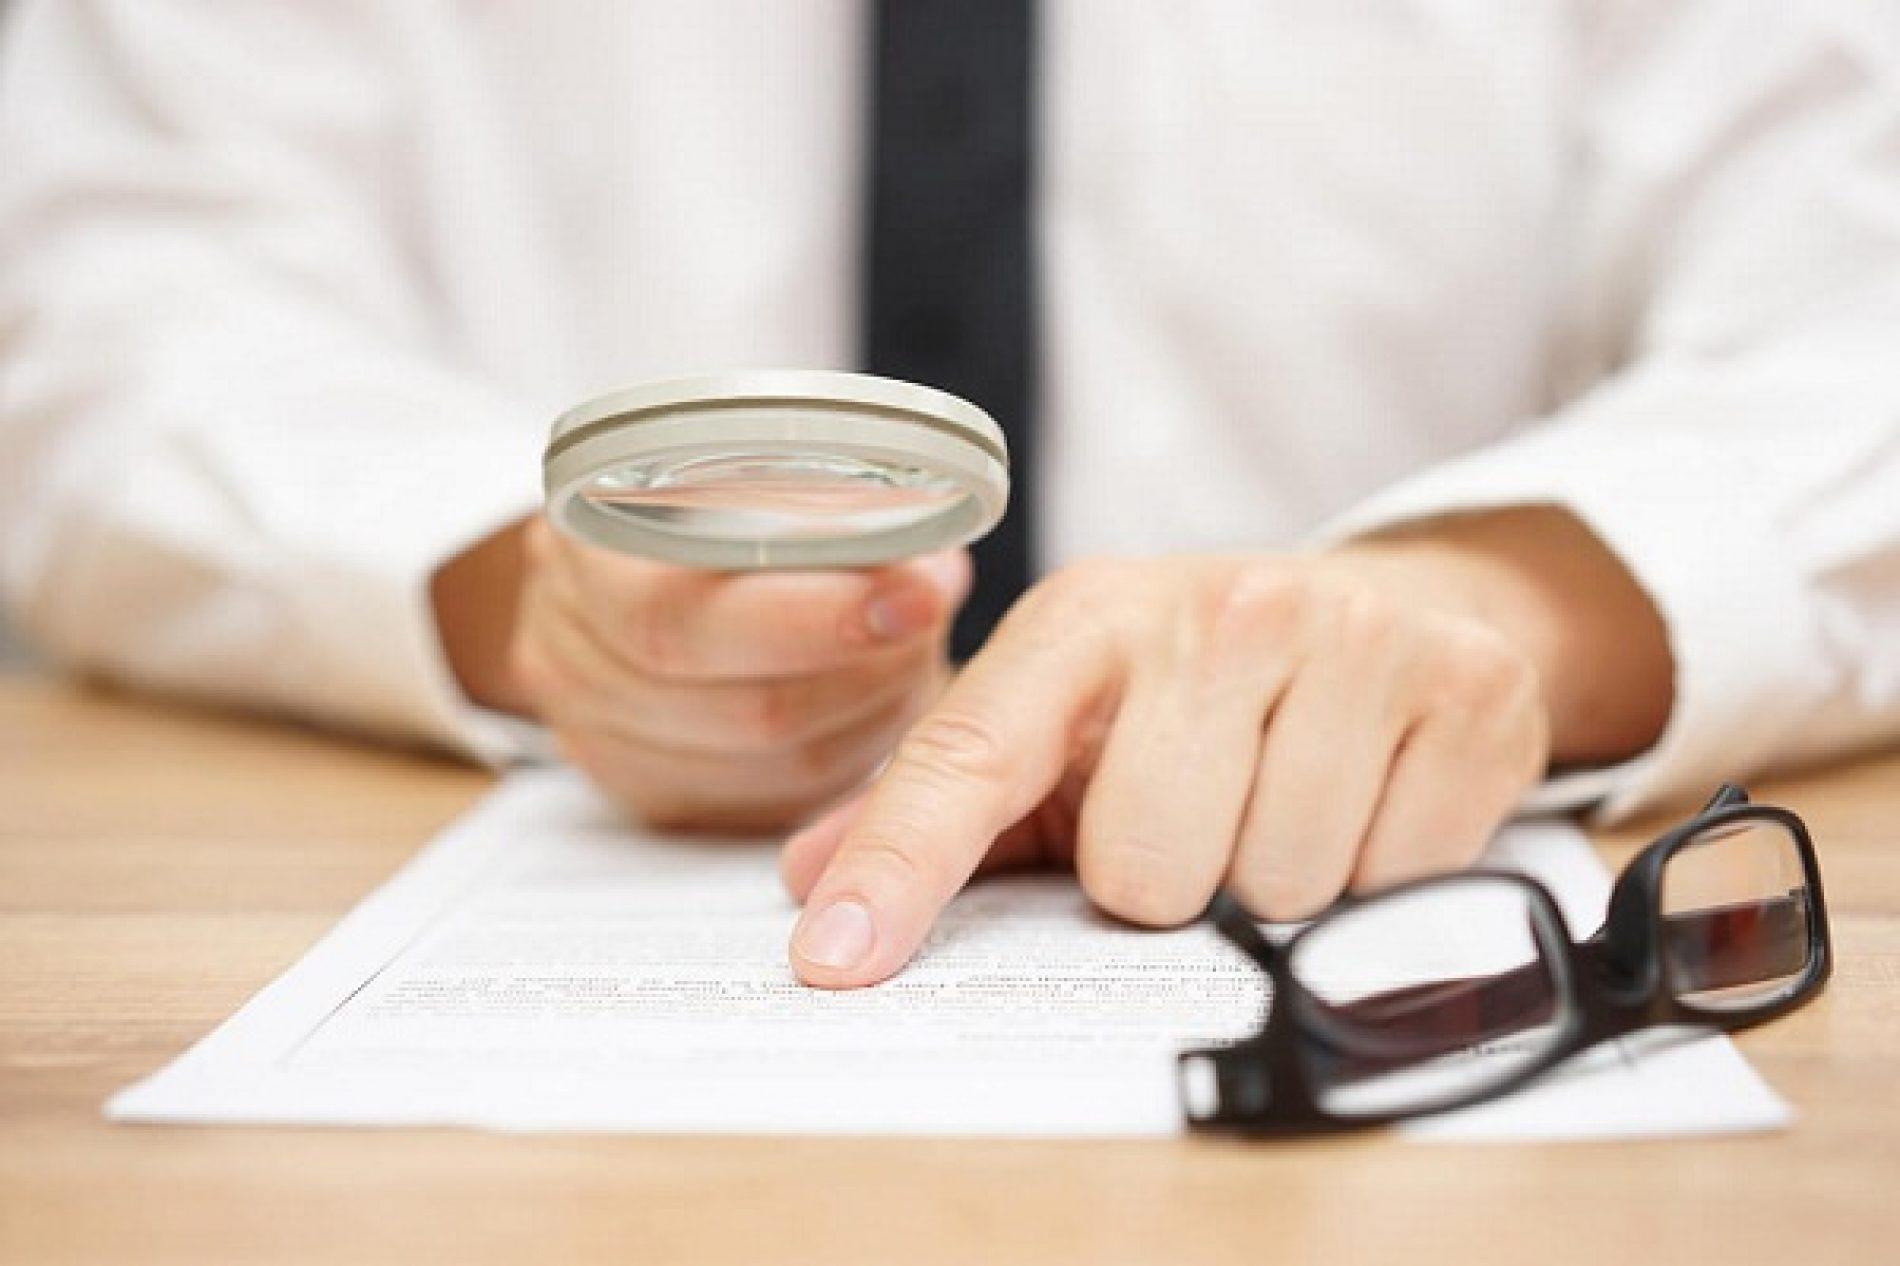 Từ ngữ cần hiểu chính xác trong hợp đồng mua bán